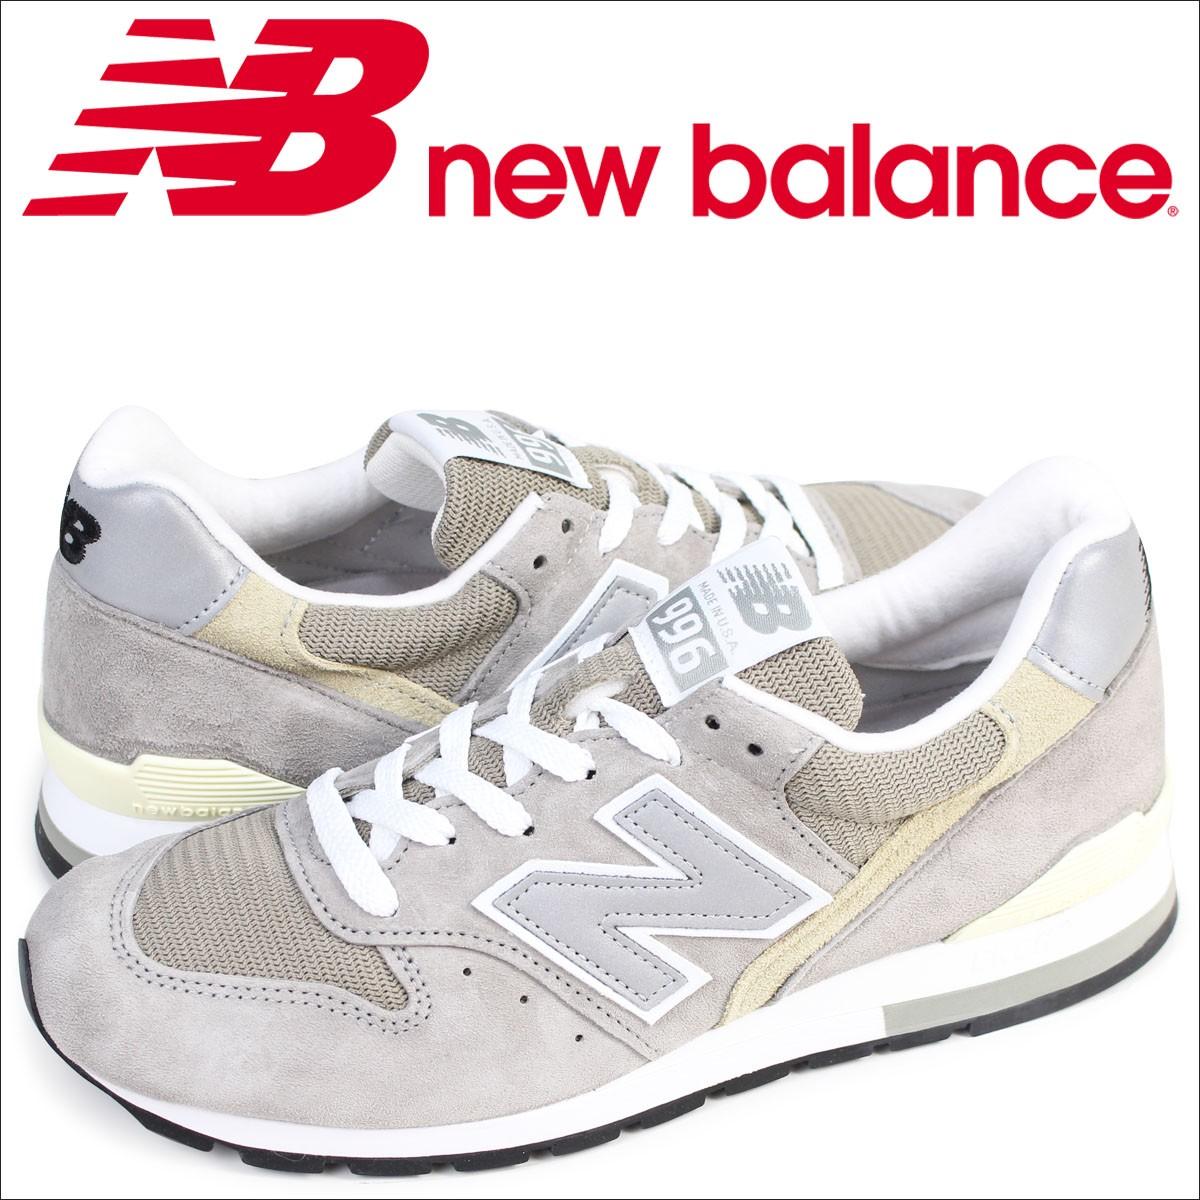 ニューバランス 996 メンズ new balance スニーカー M996 GY Dワイズ MADE IN USA 靴 グレー [1/20 追加入荷]